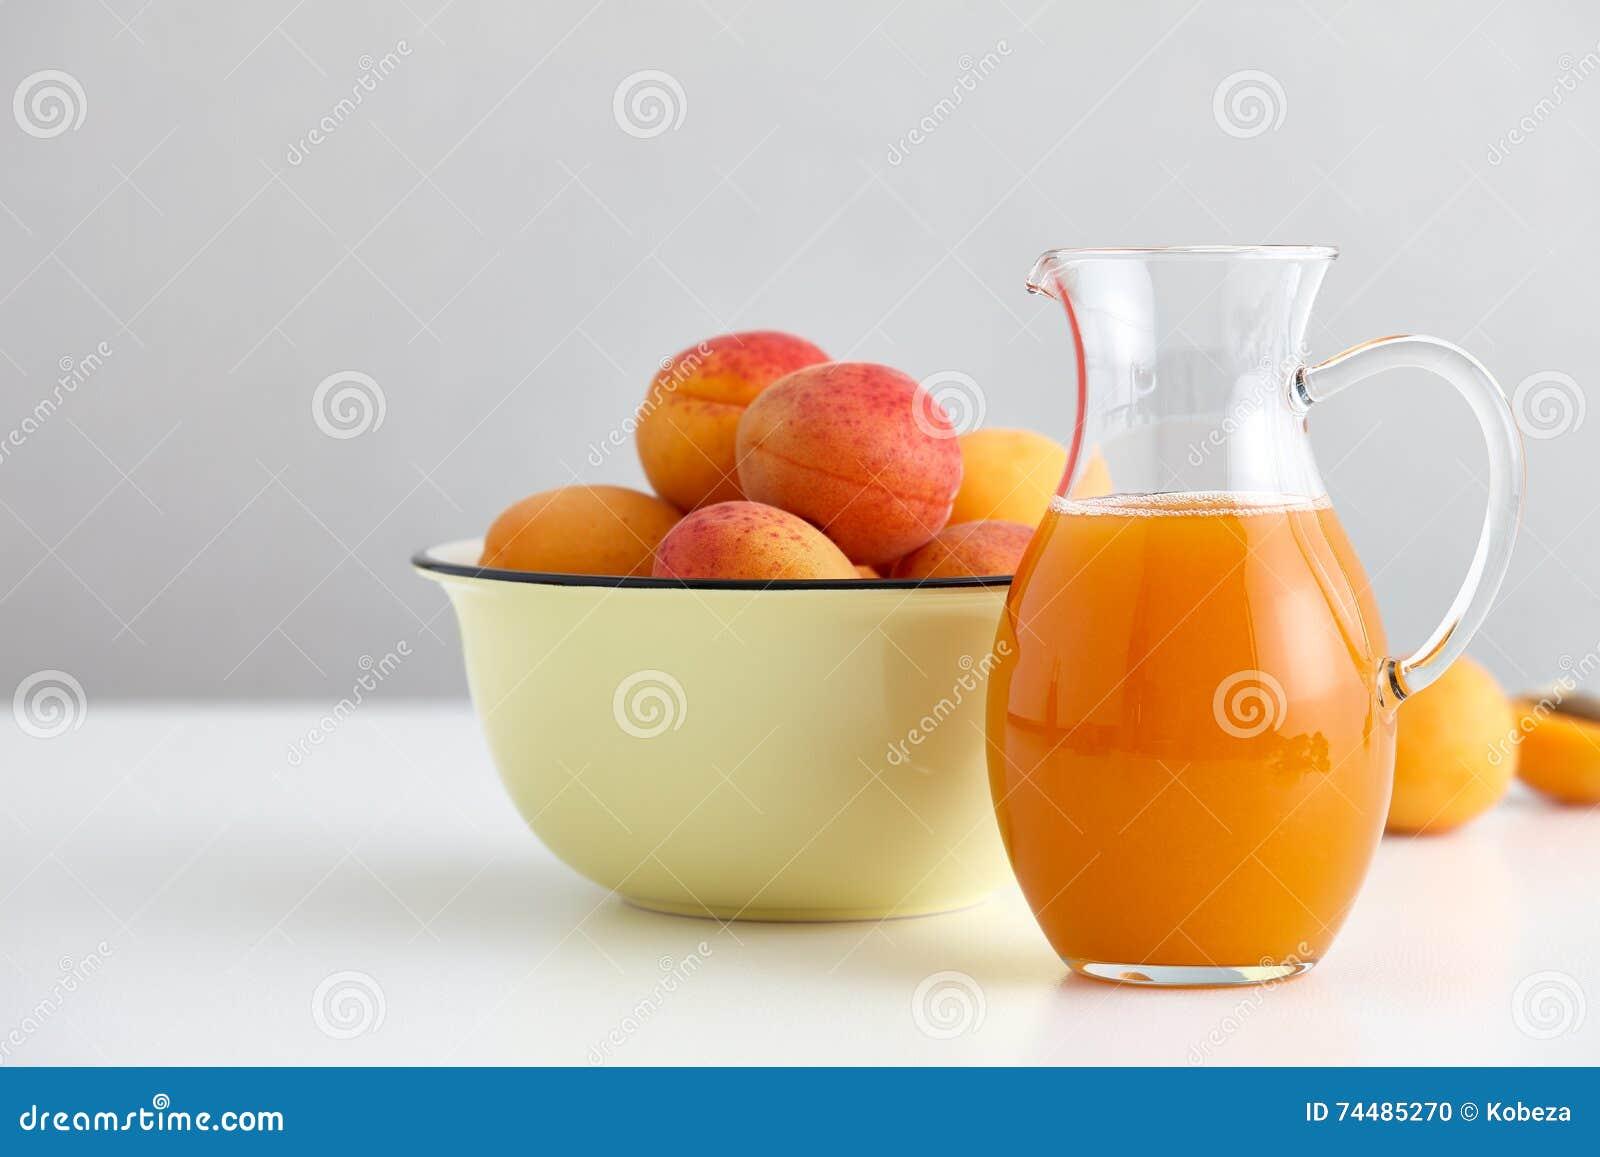 O jarro de vidro com suco fresco e os abricós maduros rolam